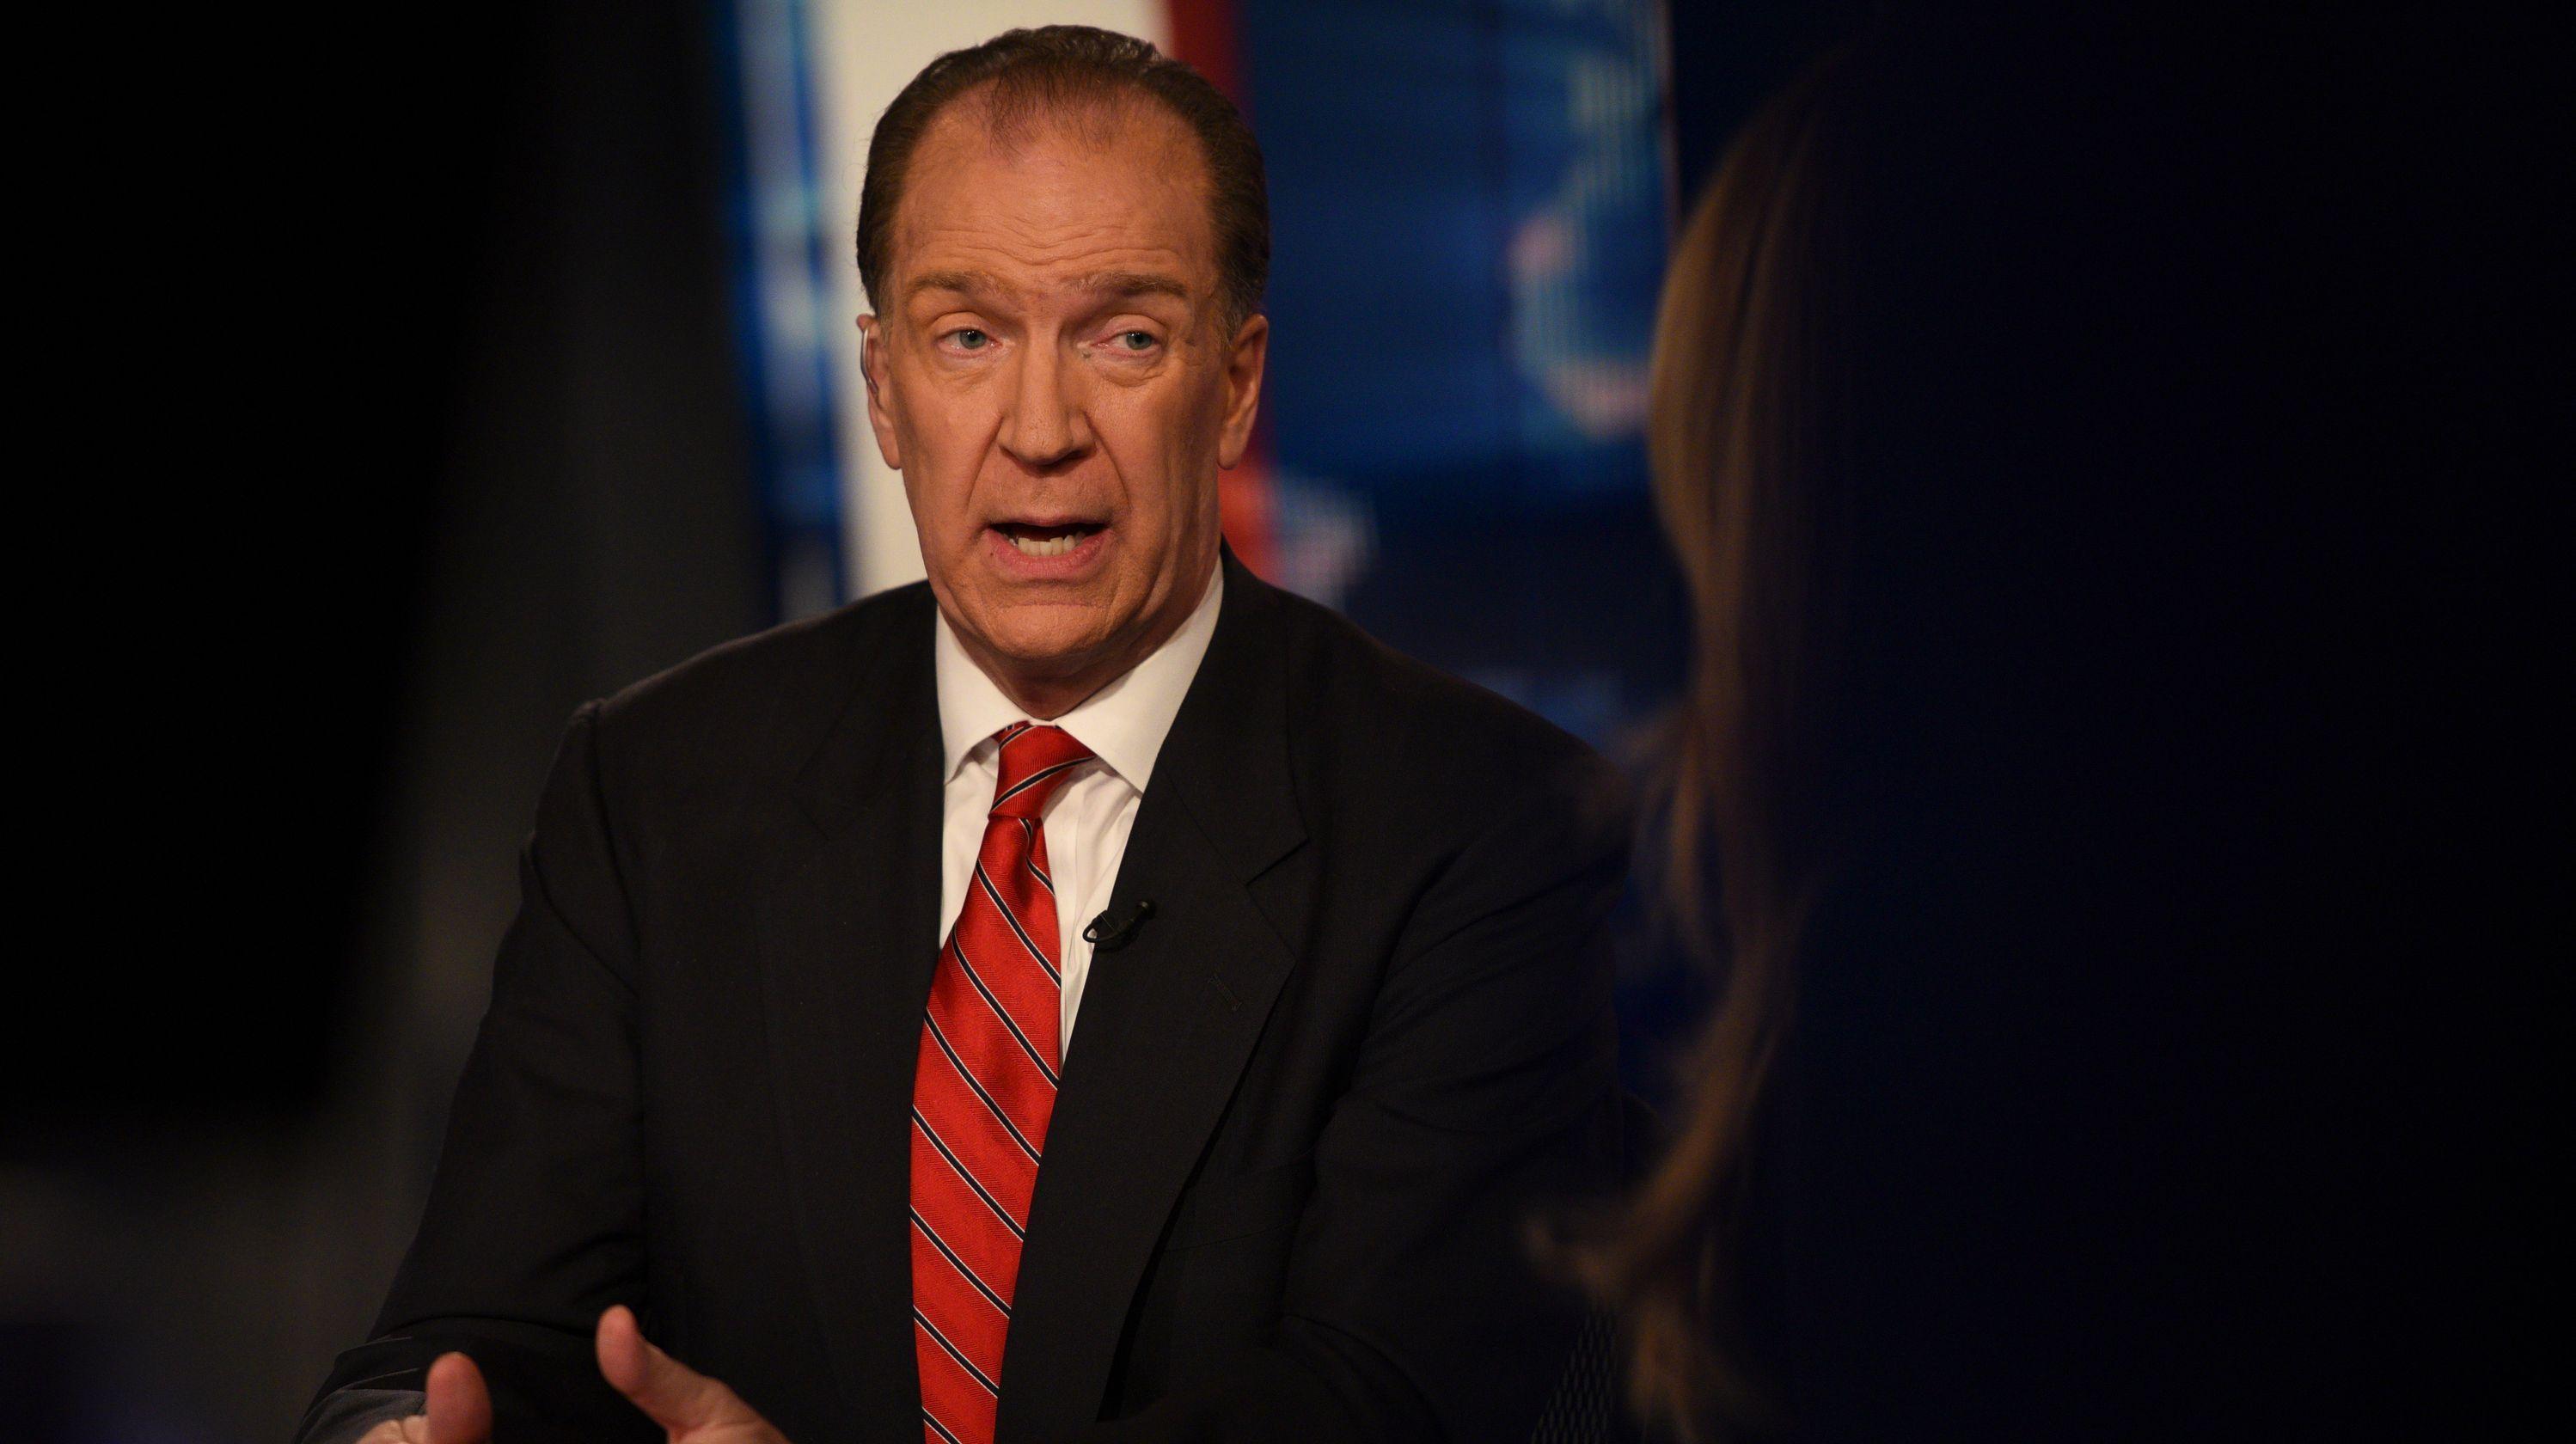 David Malpass est devenu le 13ème Directeur général de la Banque mondiale